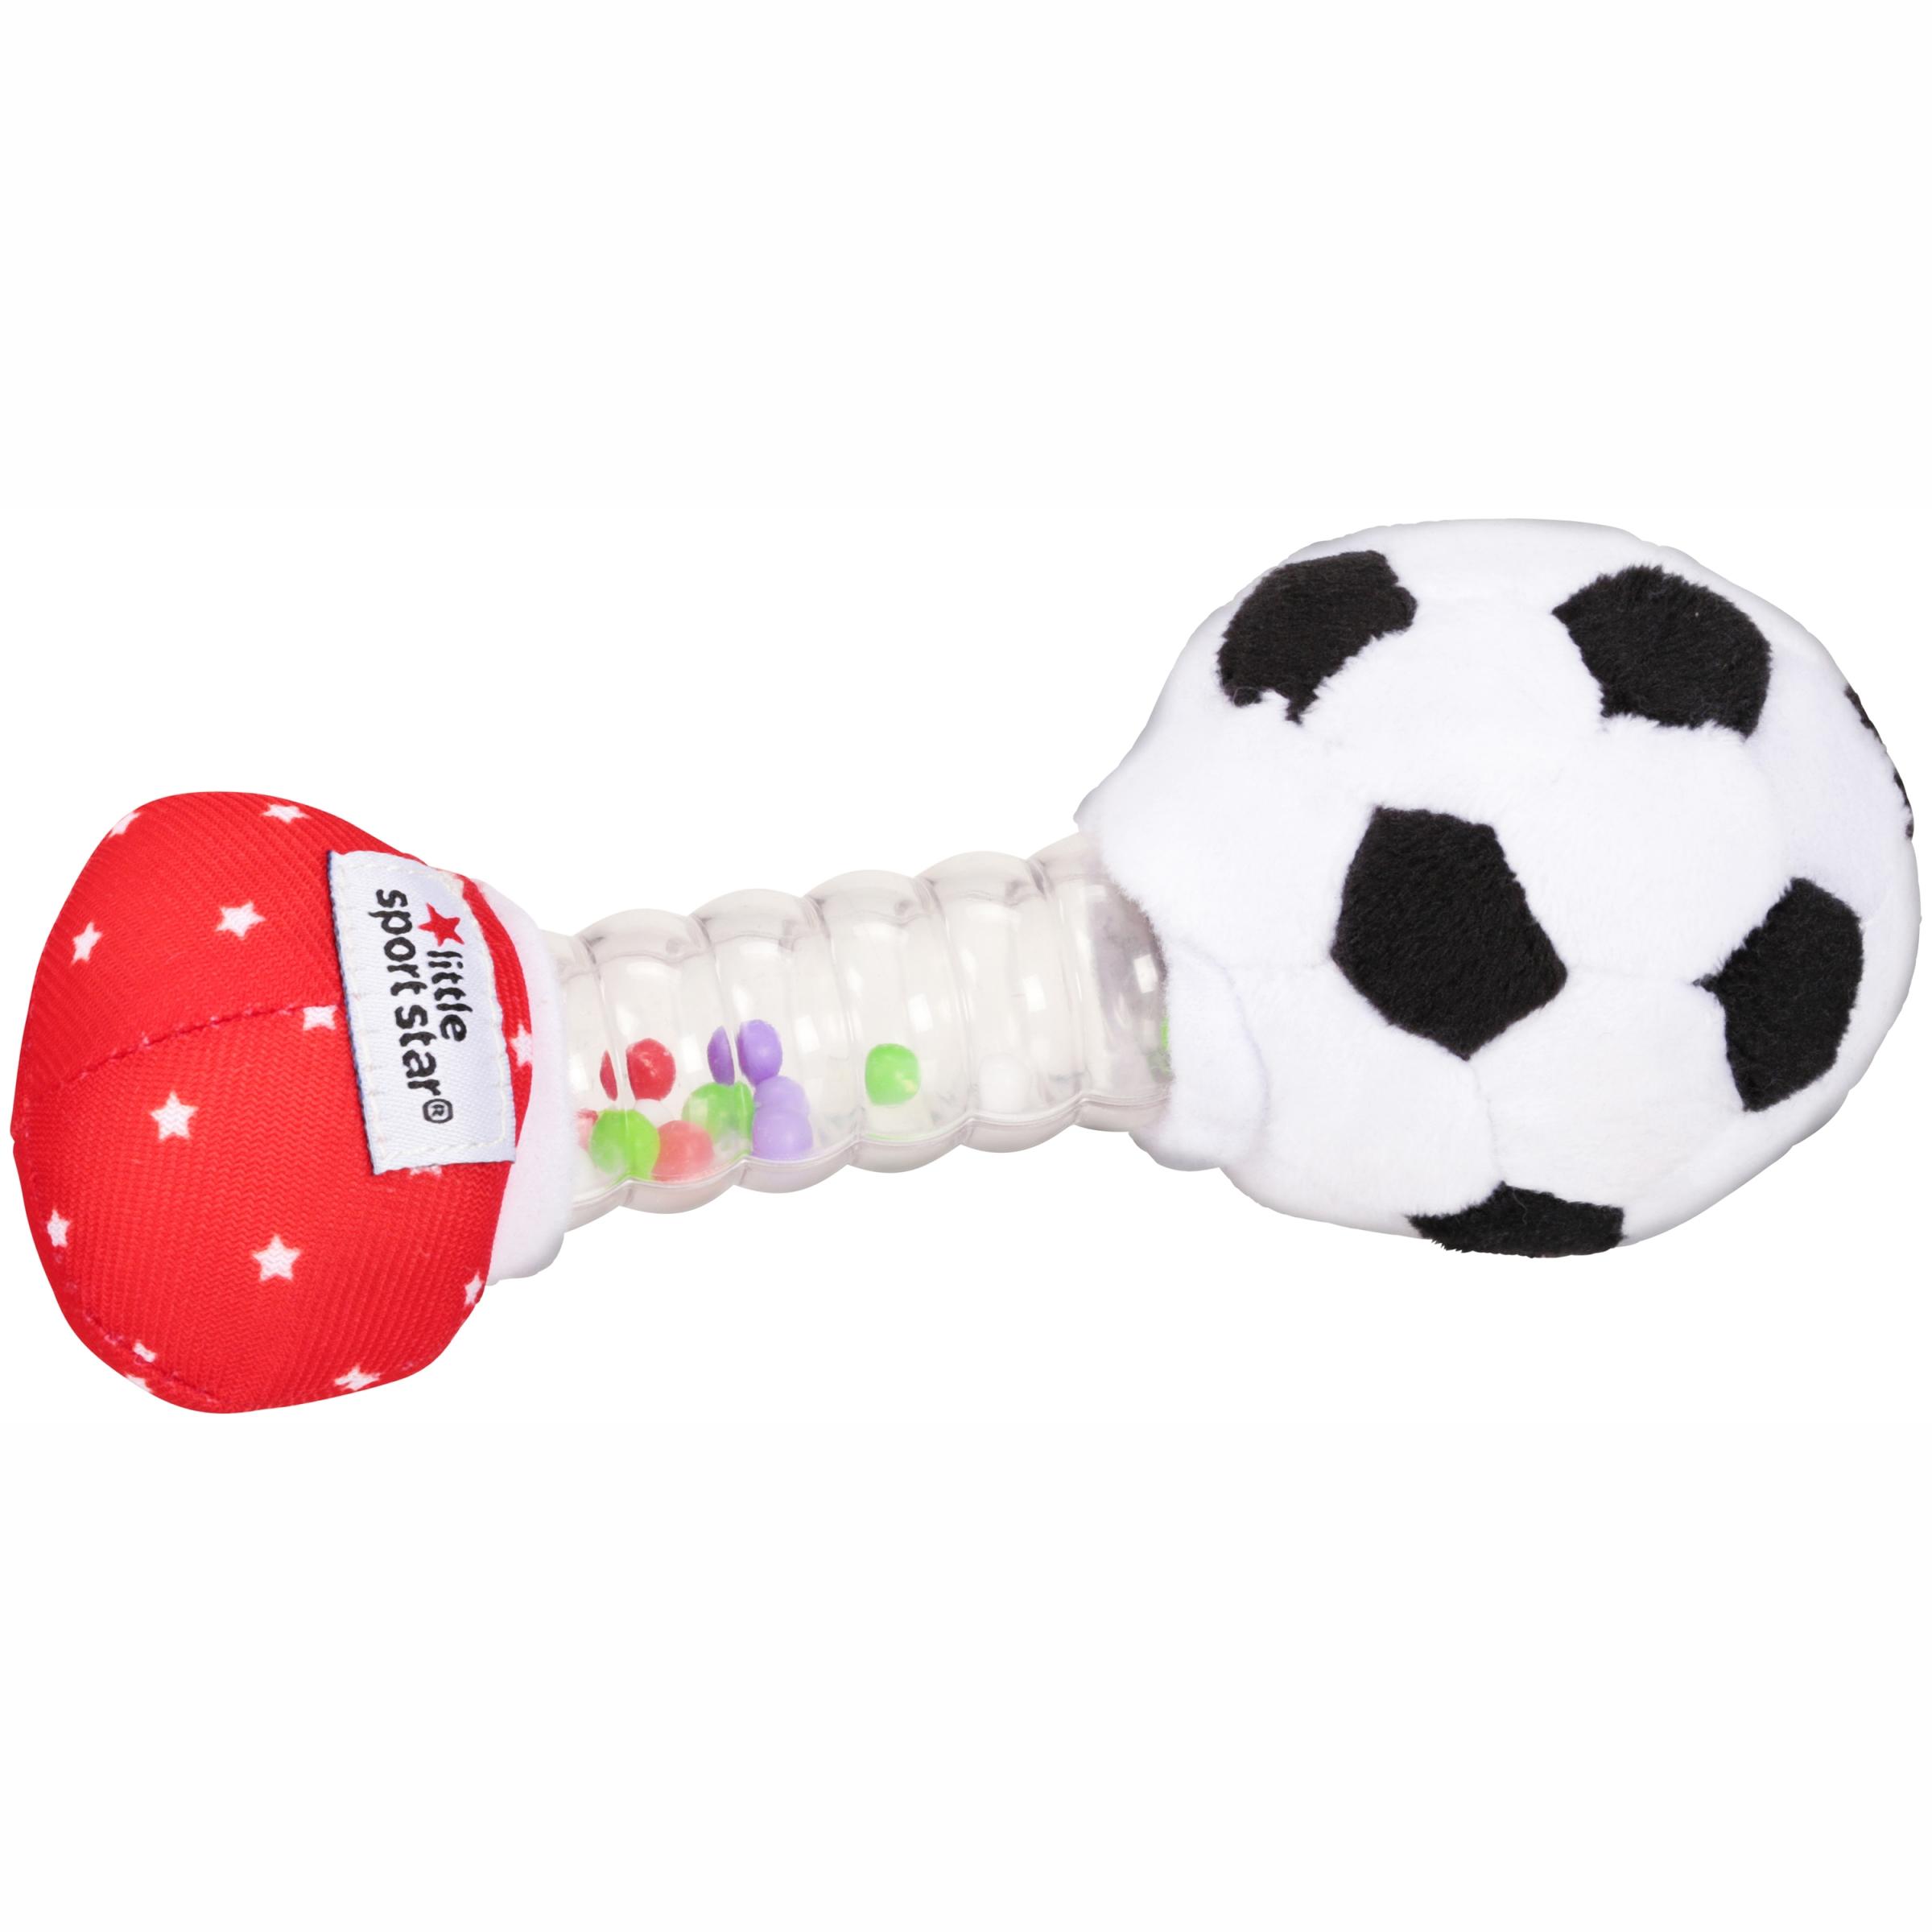 Little Sport Star® Soccer Rattle